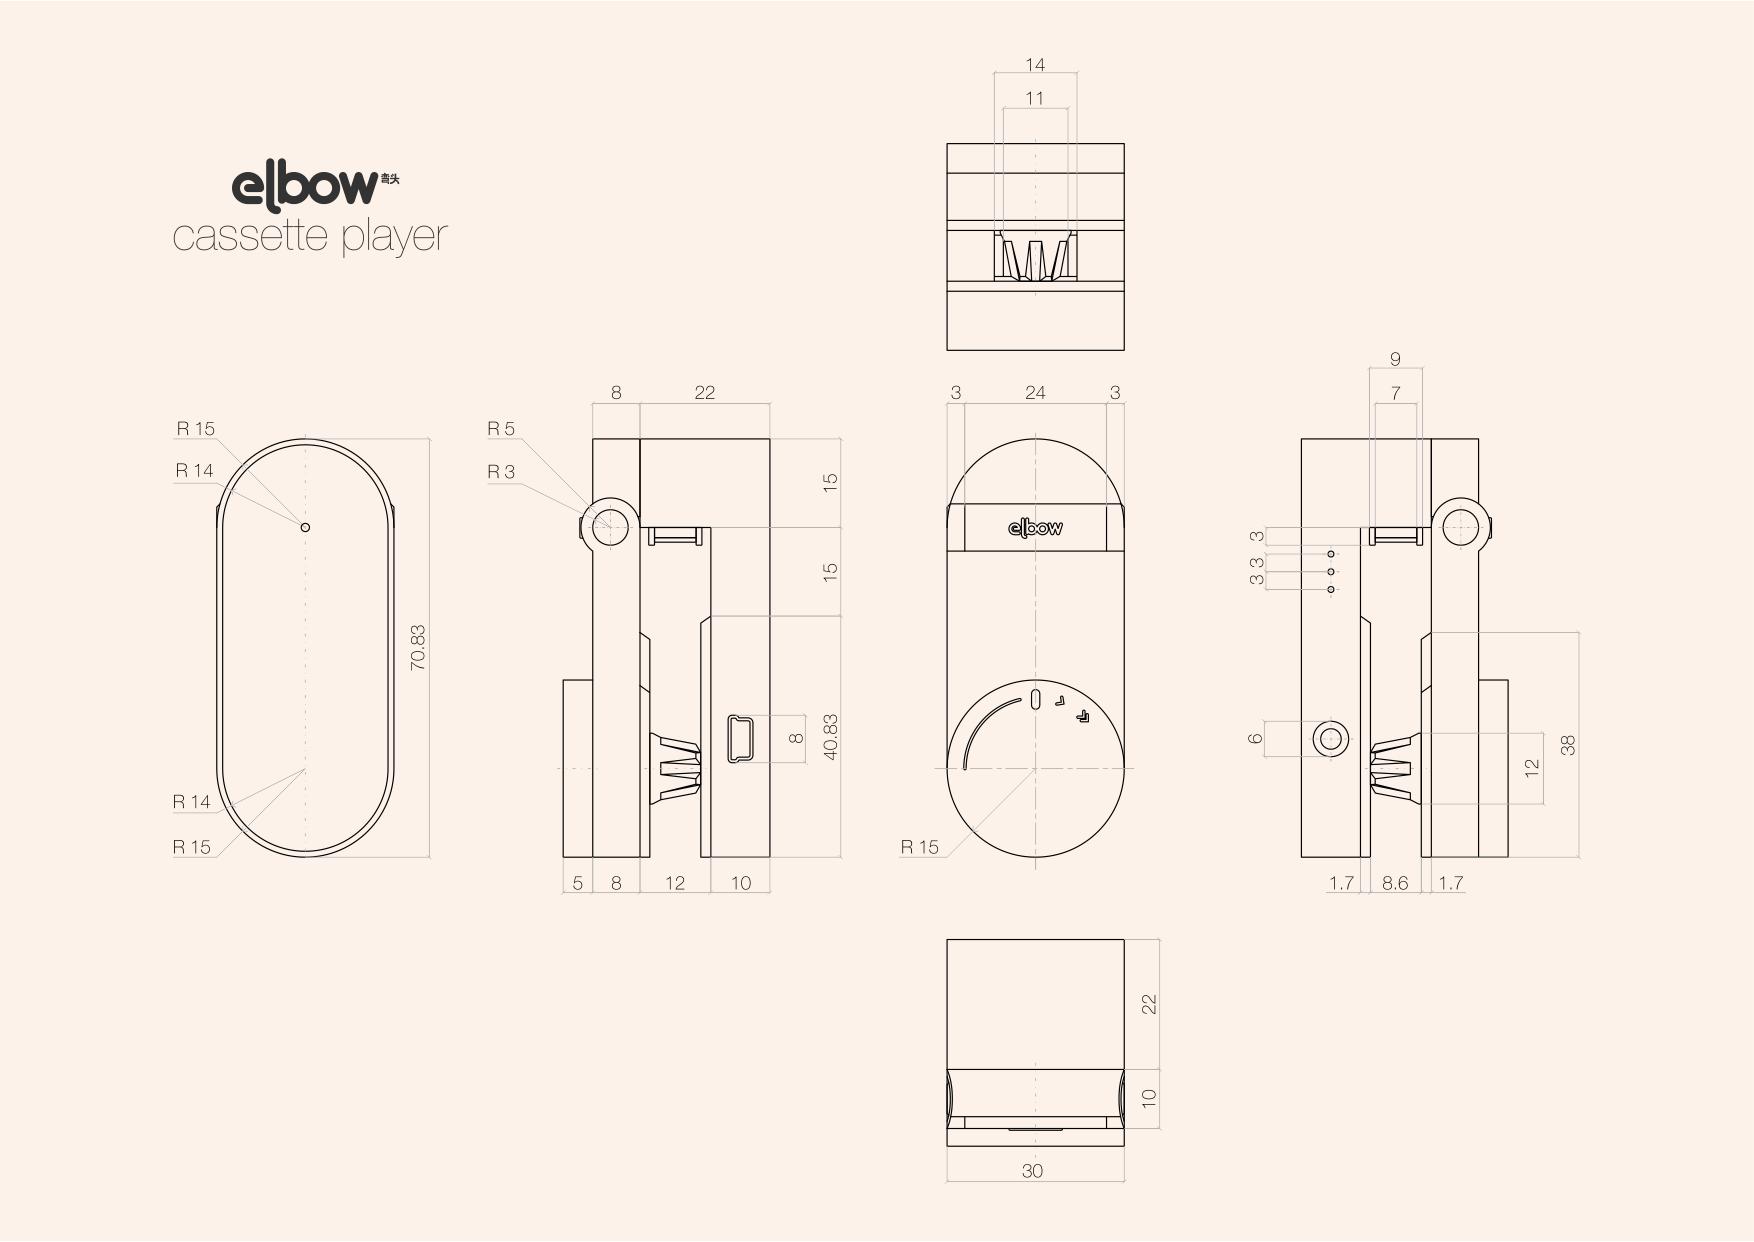 ELBOW - cassette player - Bridde.com